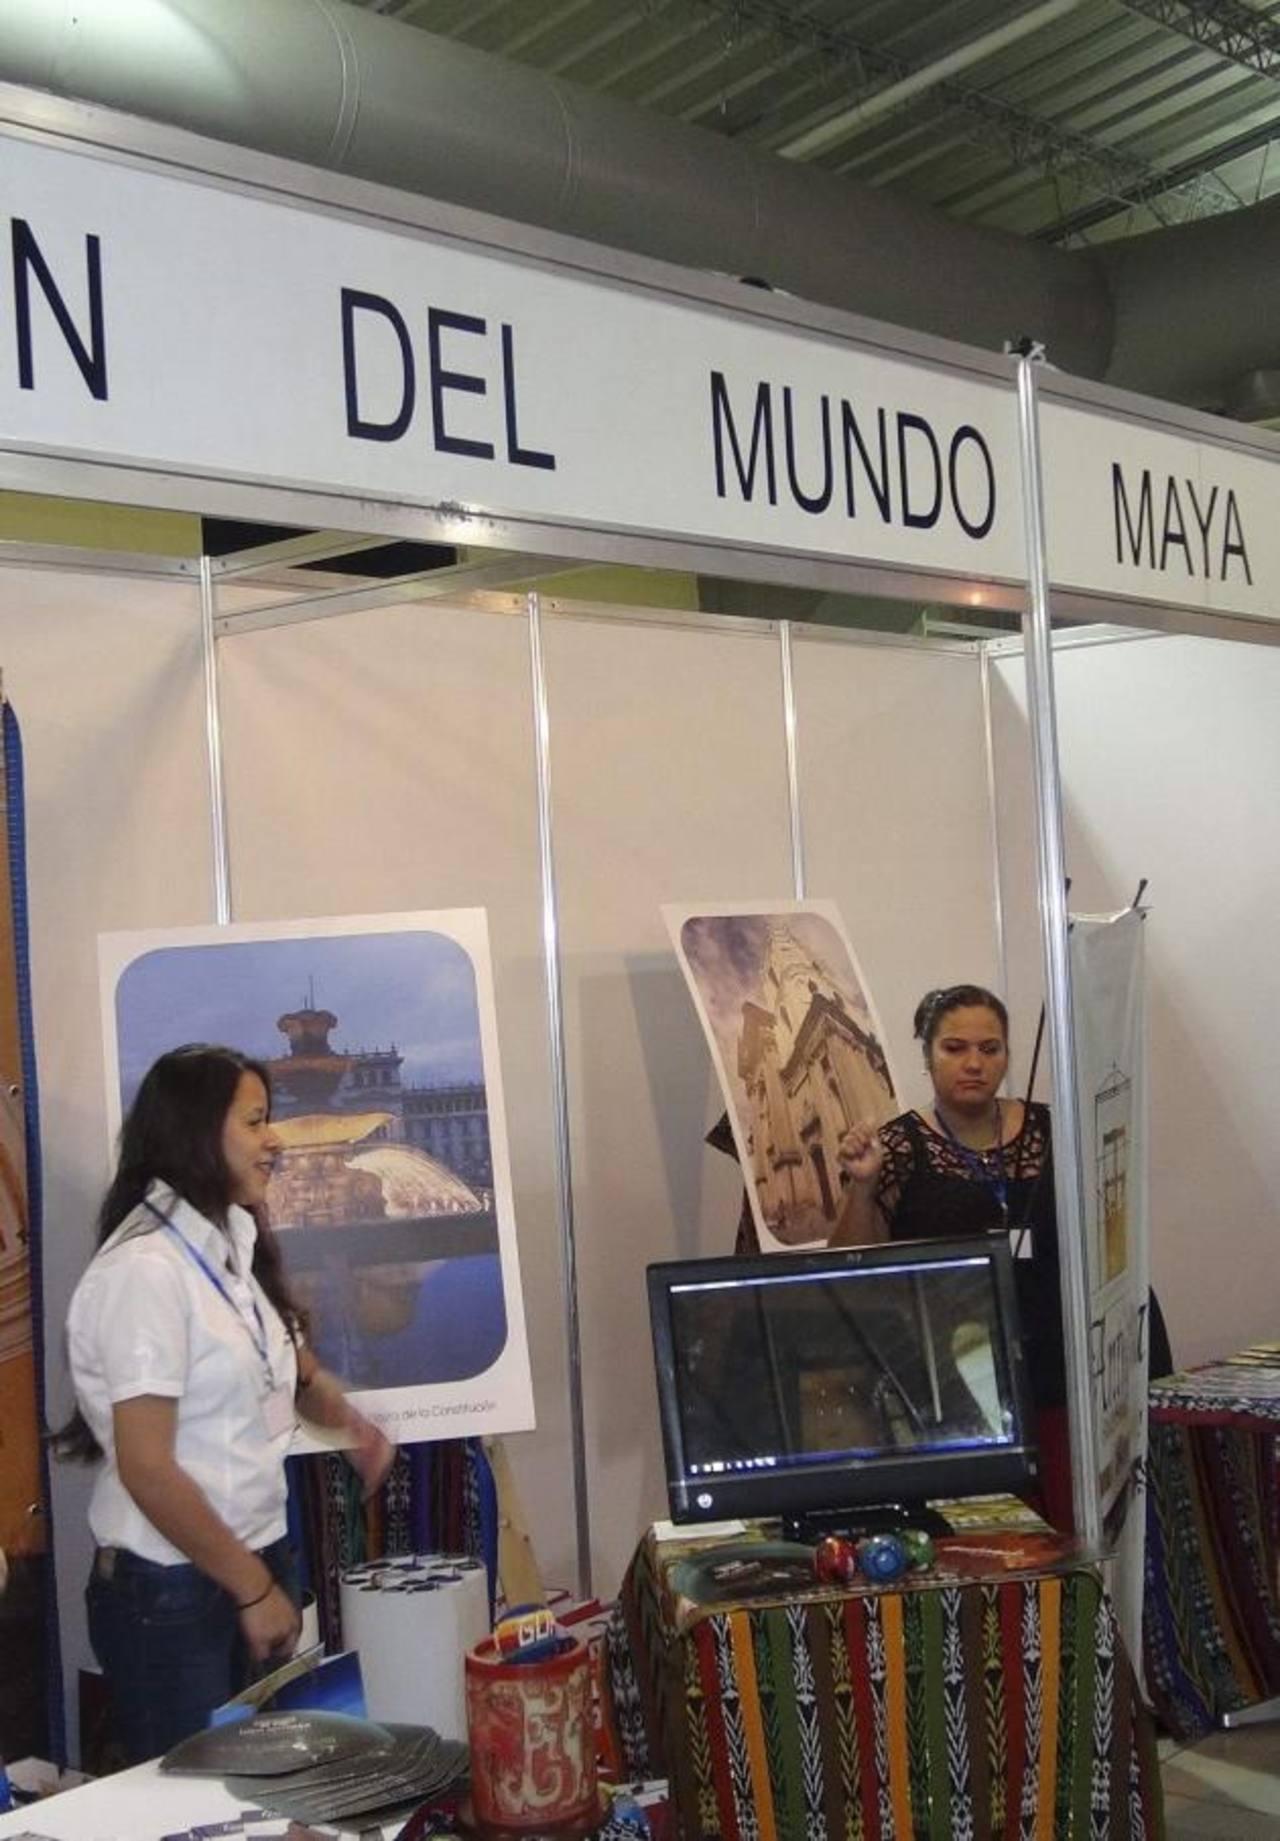 Destinos del Mundo Maya son de gran demanda en C. A.